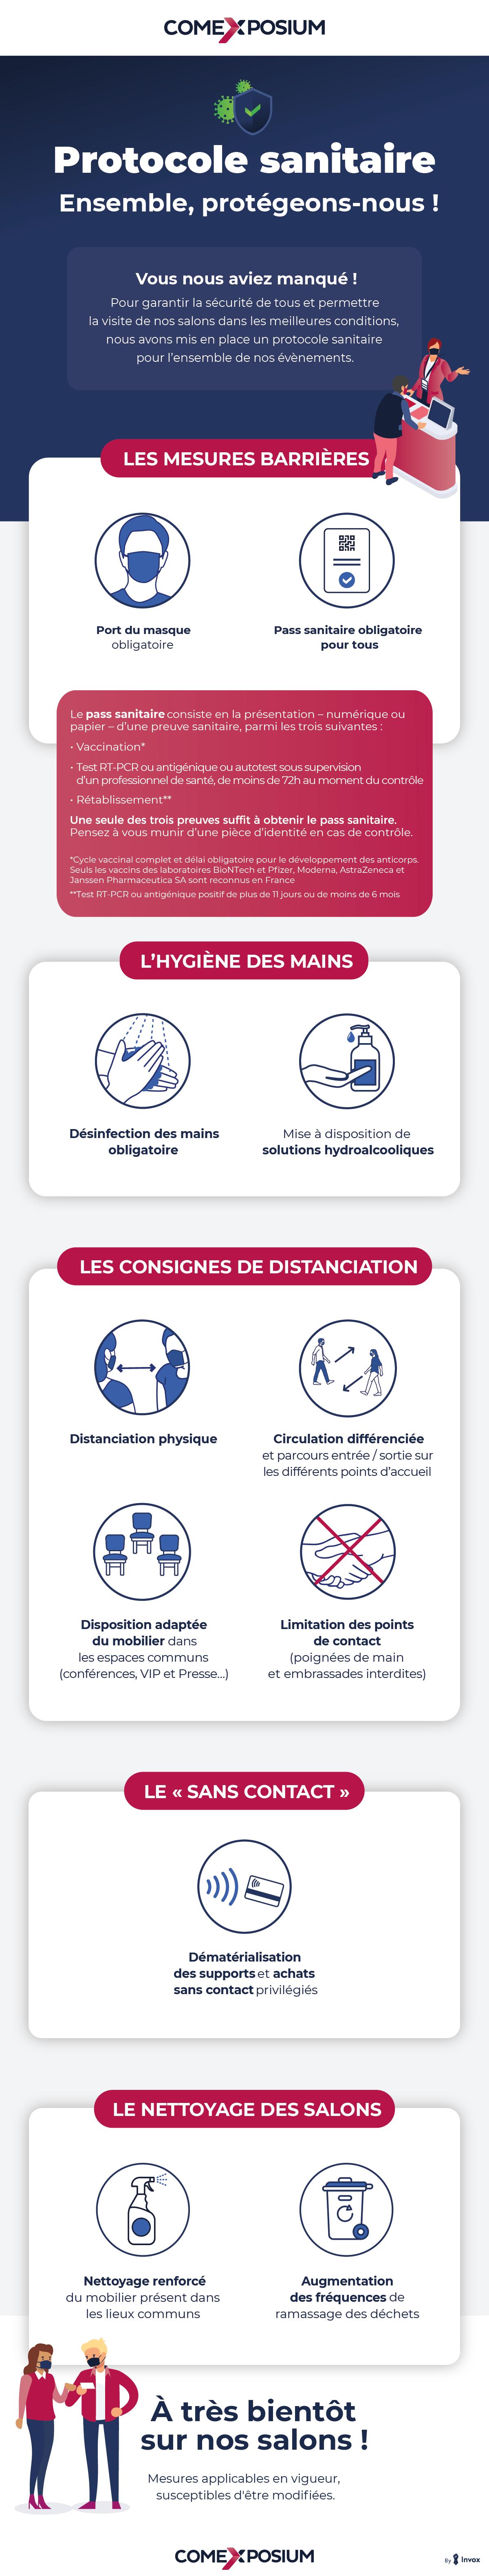 Infographie protocole sanitaire visiteurs TRUSTECH2021